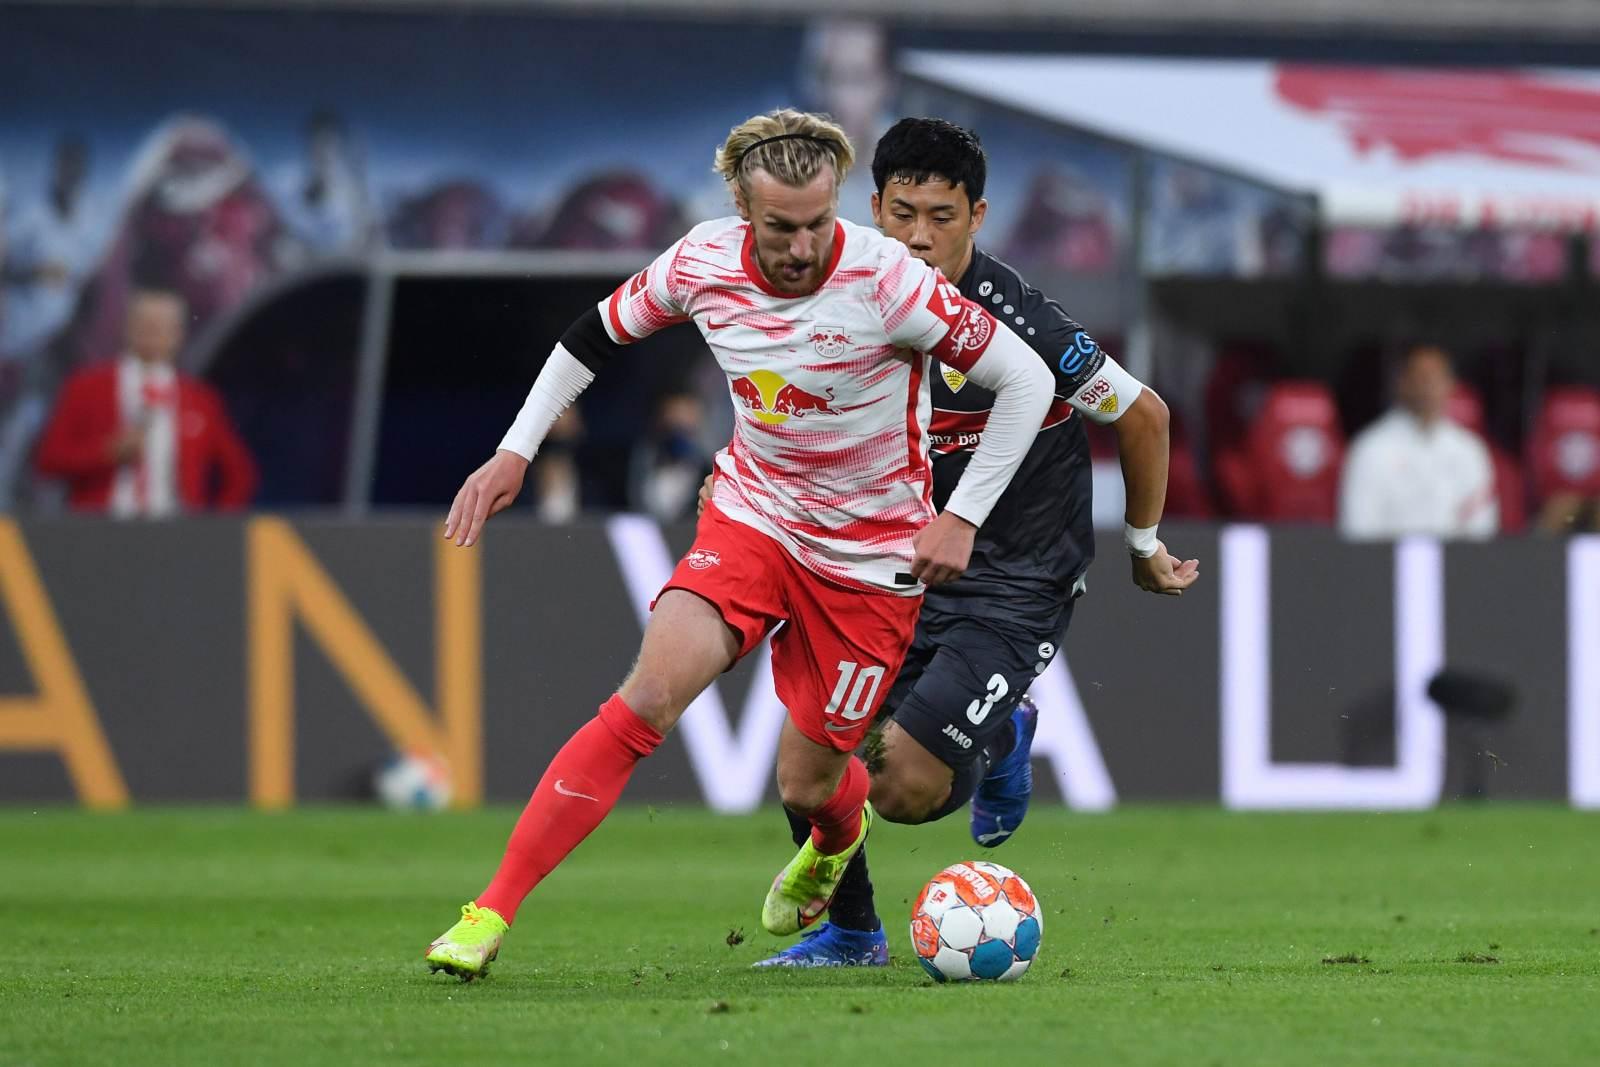 Форсберг – о поражении 3:6 от «Манчестер Сити»: «Пропустили слишком много голов»